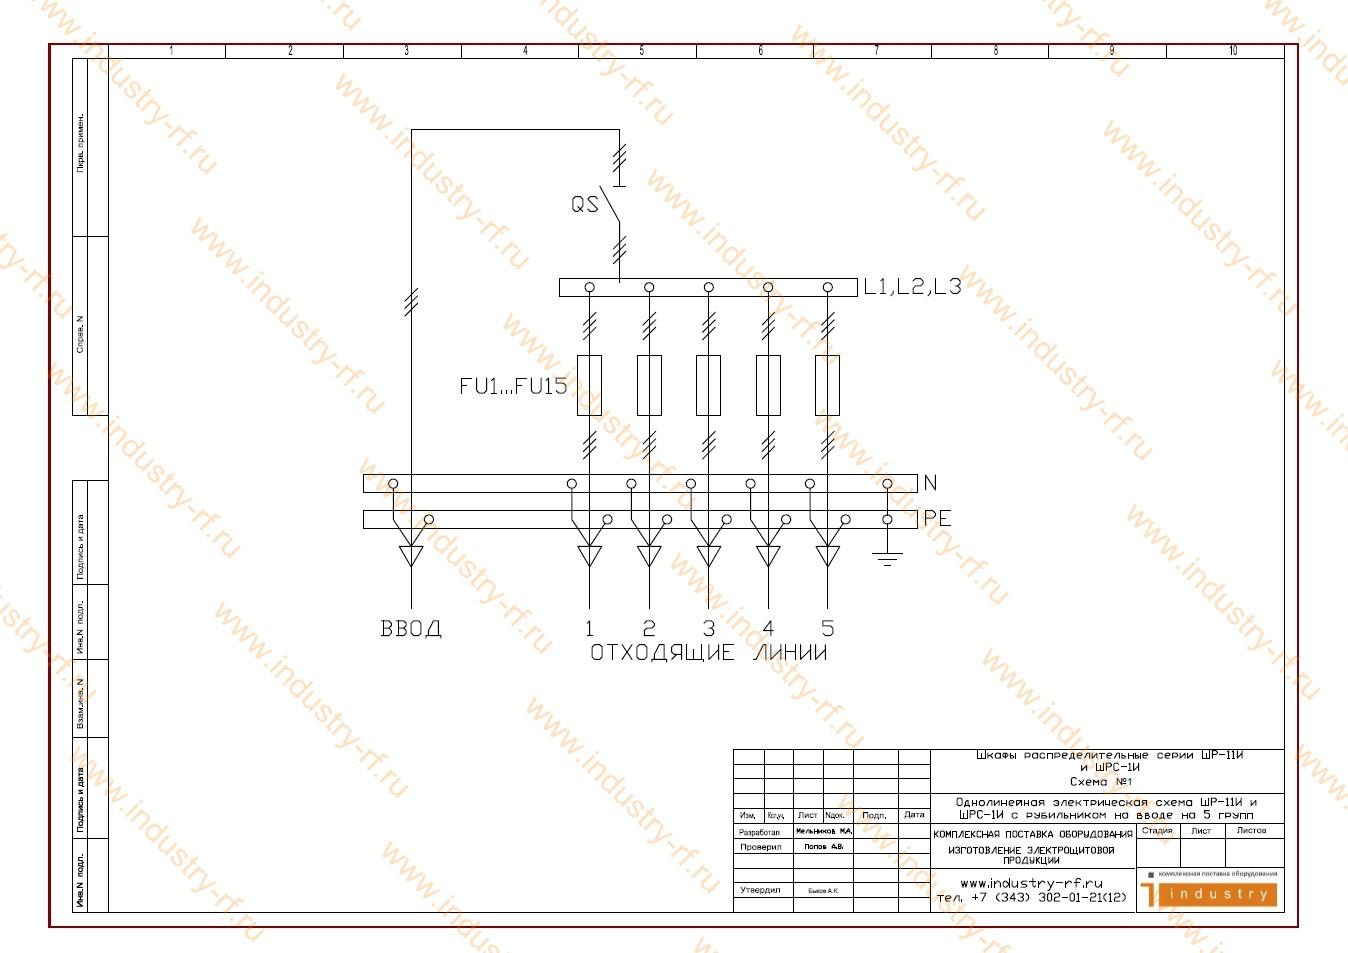 Однолинейная схема шрс 1